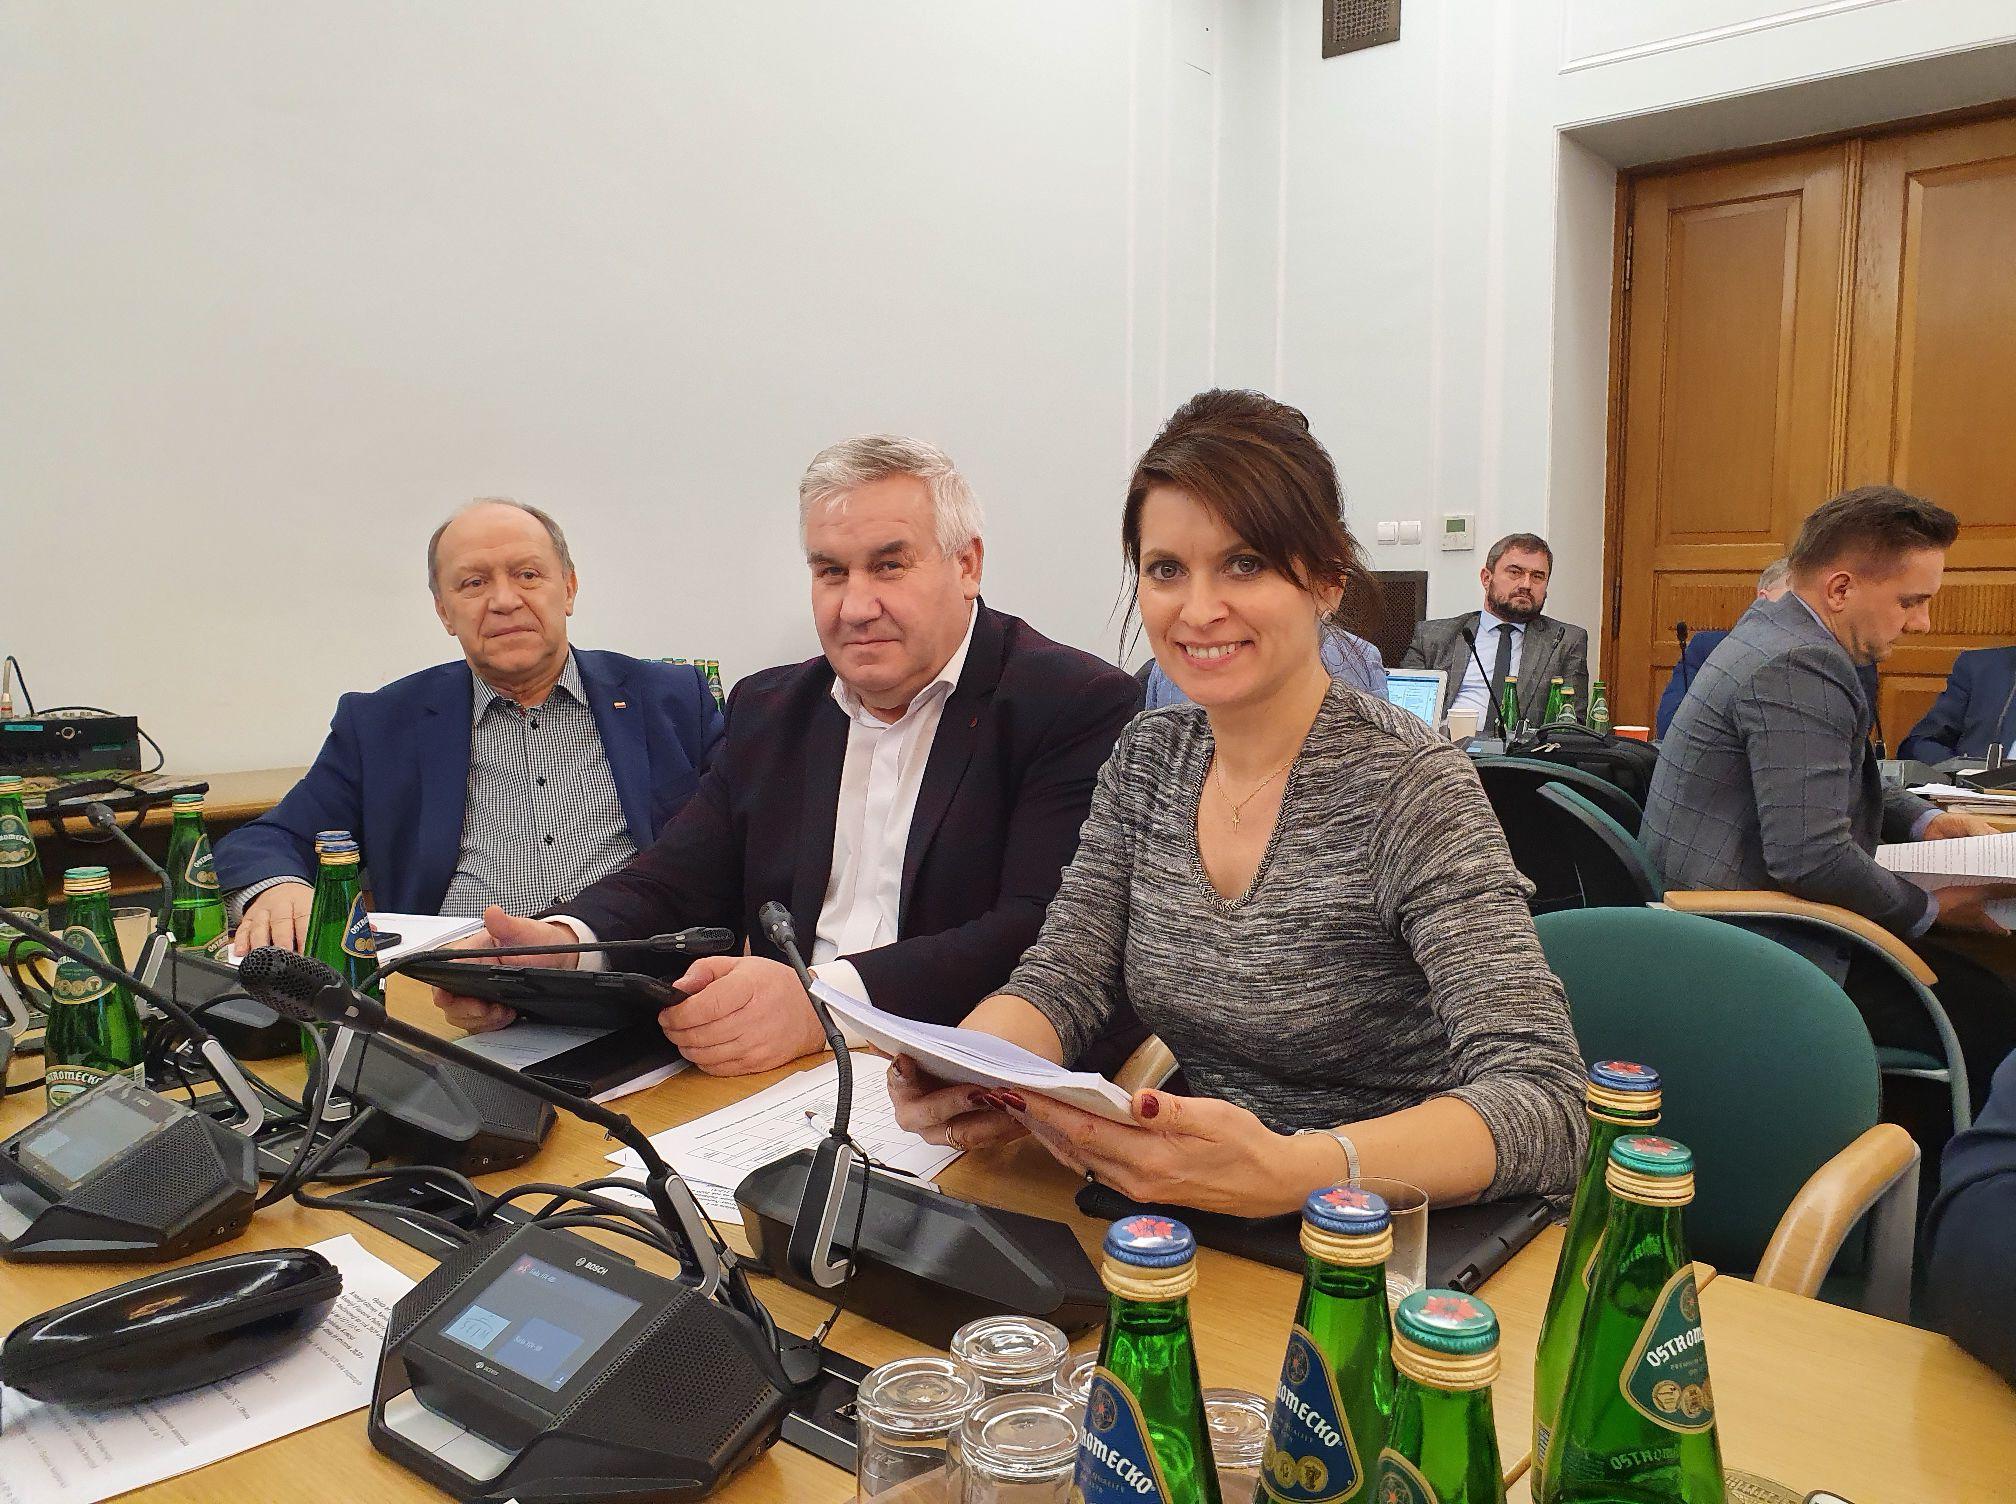 #Kozaneckaw#Sejmna#Komisjach ✅posiedzenie Komisji Obrony Narodowej- Komis…